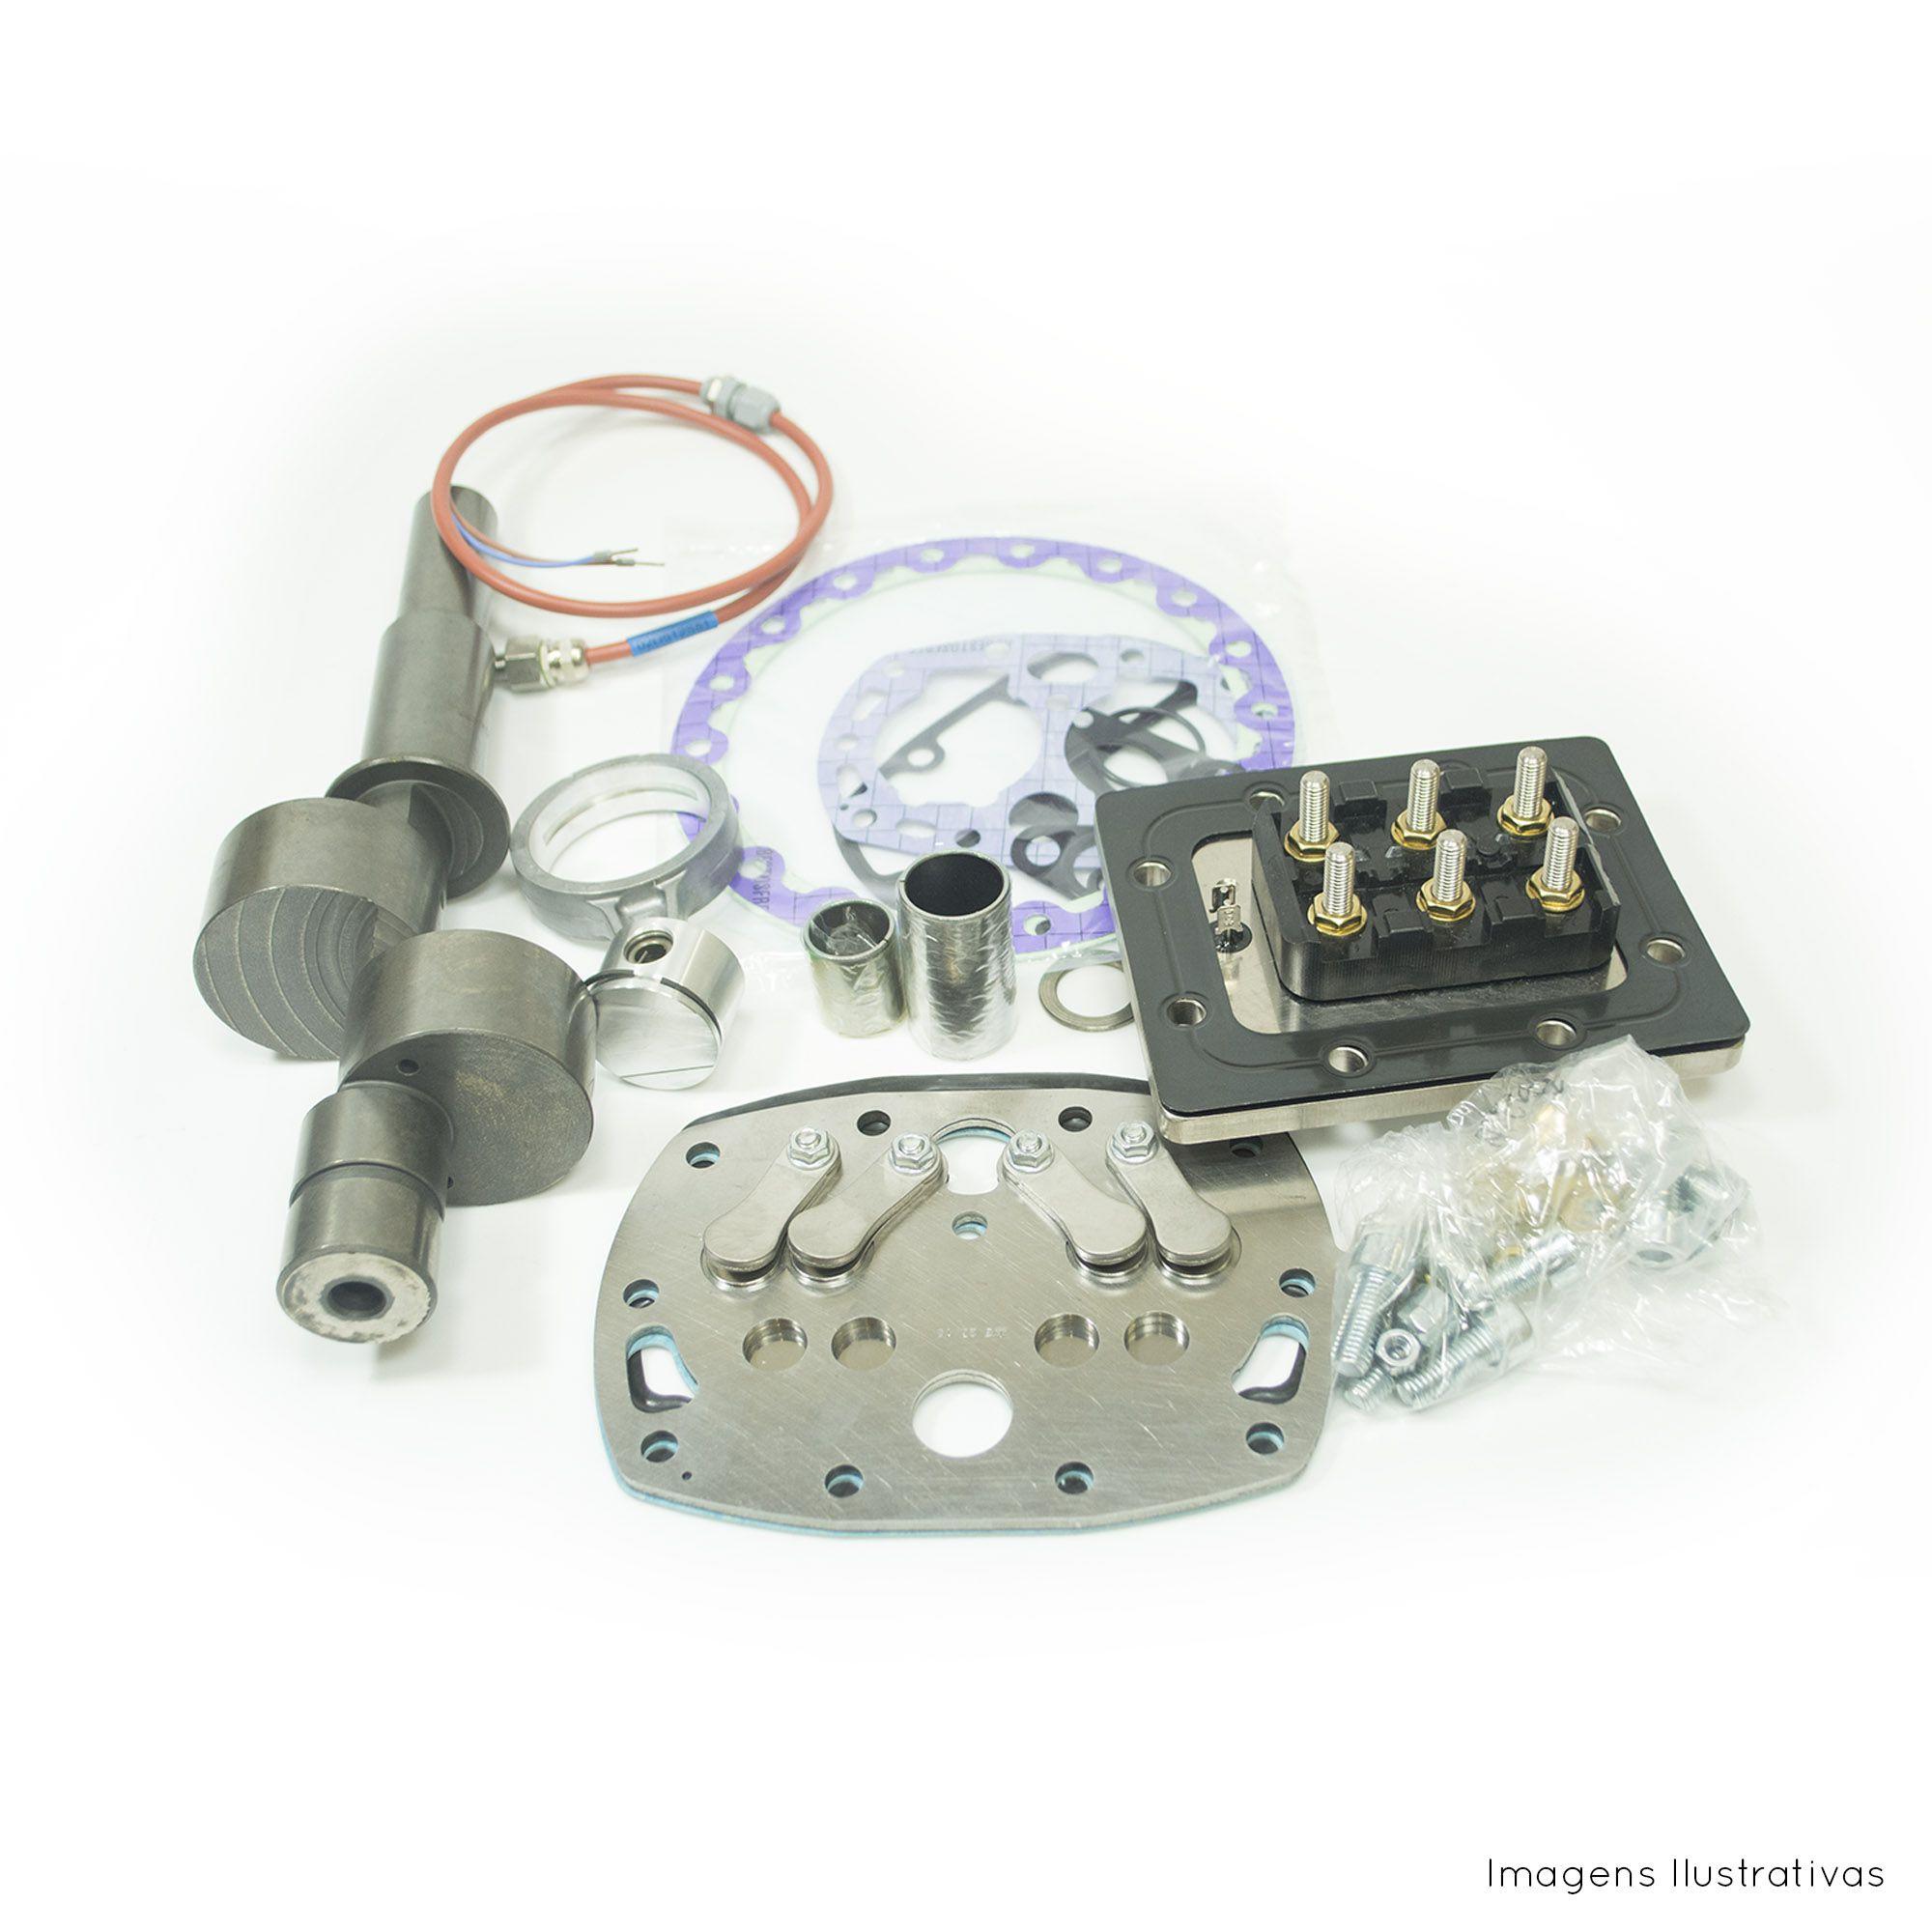 Sistema de Resfriamento do Cabeçote - 810-10083